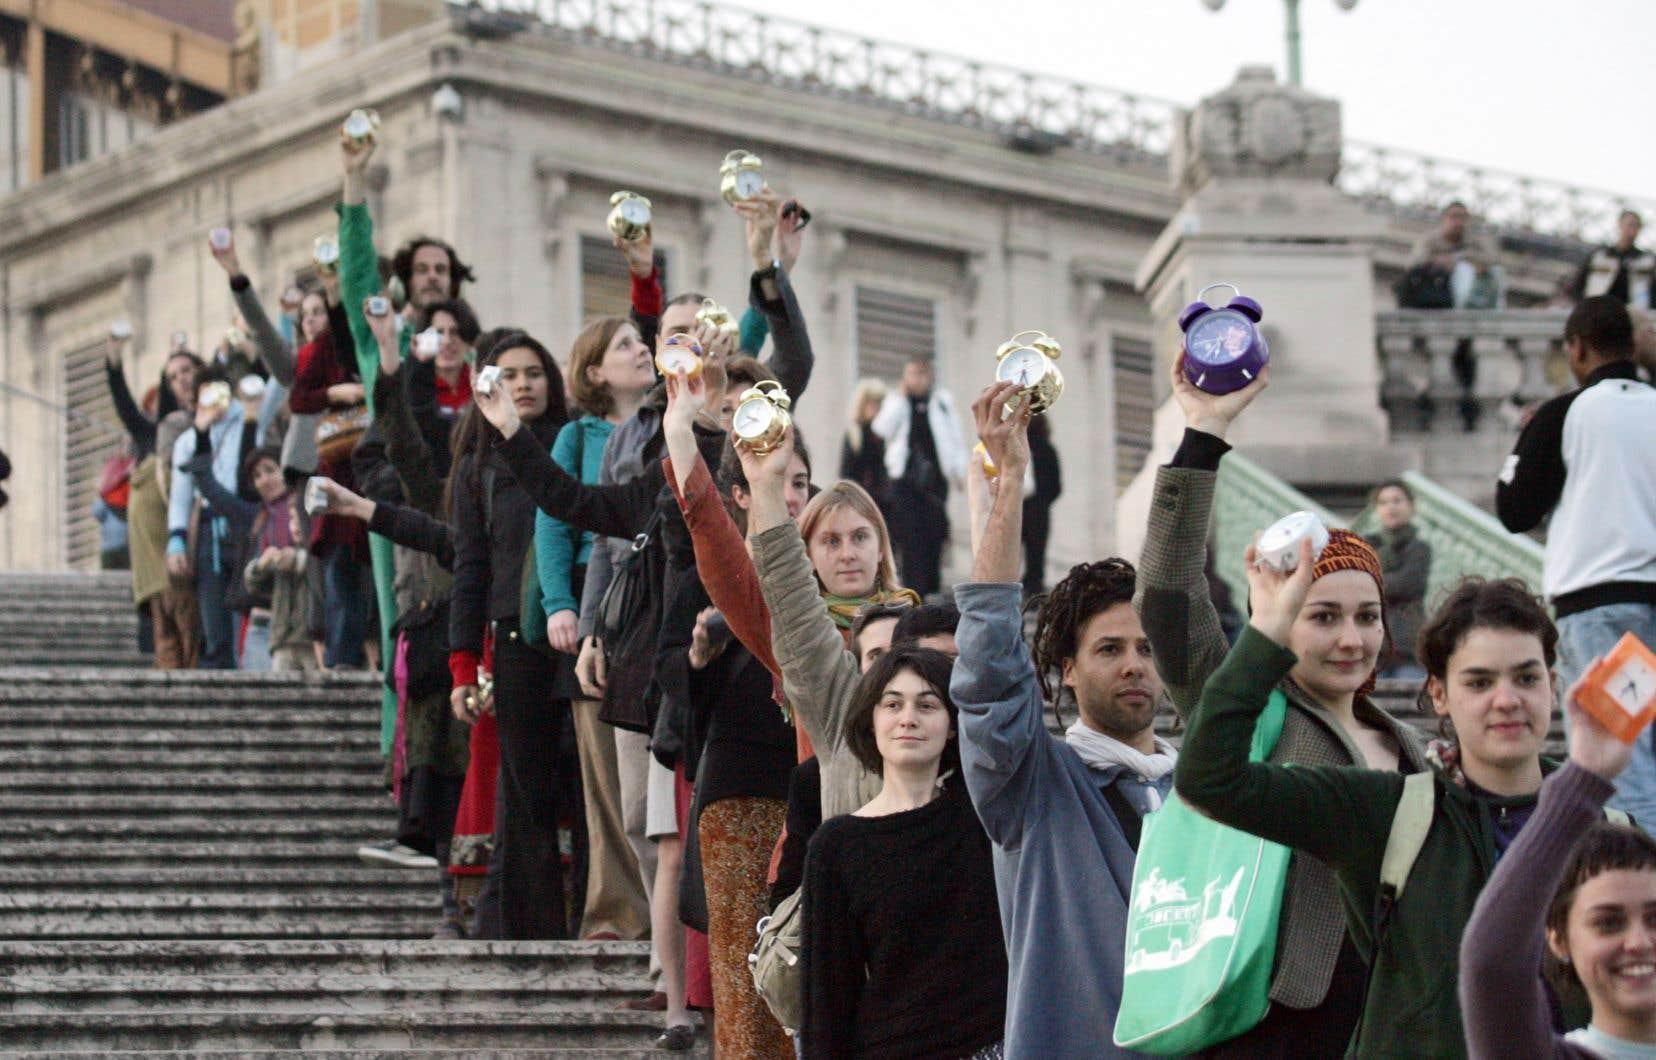 Des personnes brandissaient des réveils qu'elles faisaient sonner sur les marches de la gare Saint-Charles à Marseille, en 2007, lors d'un acte artistique surprise quelques jours avant le printemps et le changement d'heure.